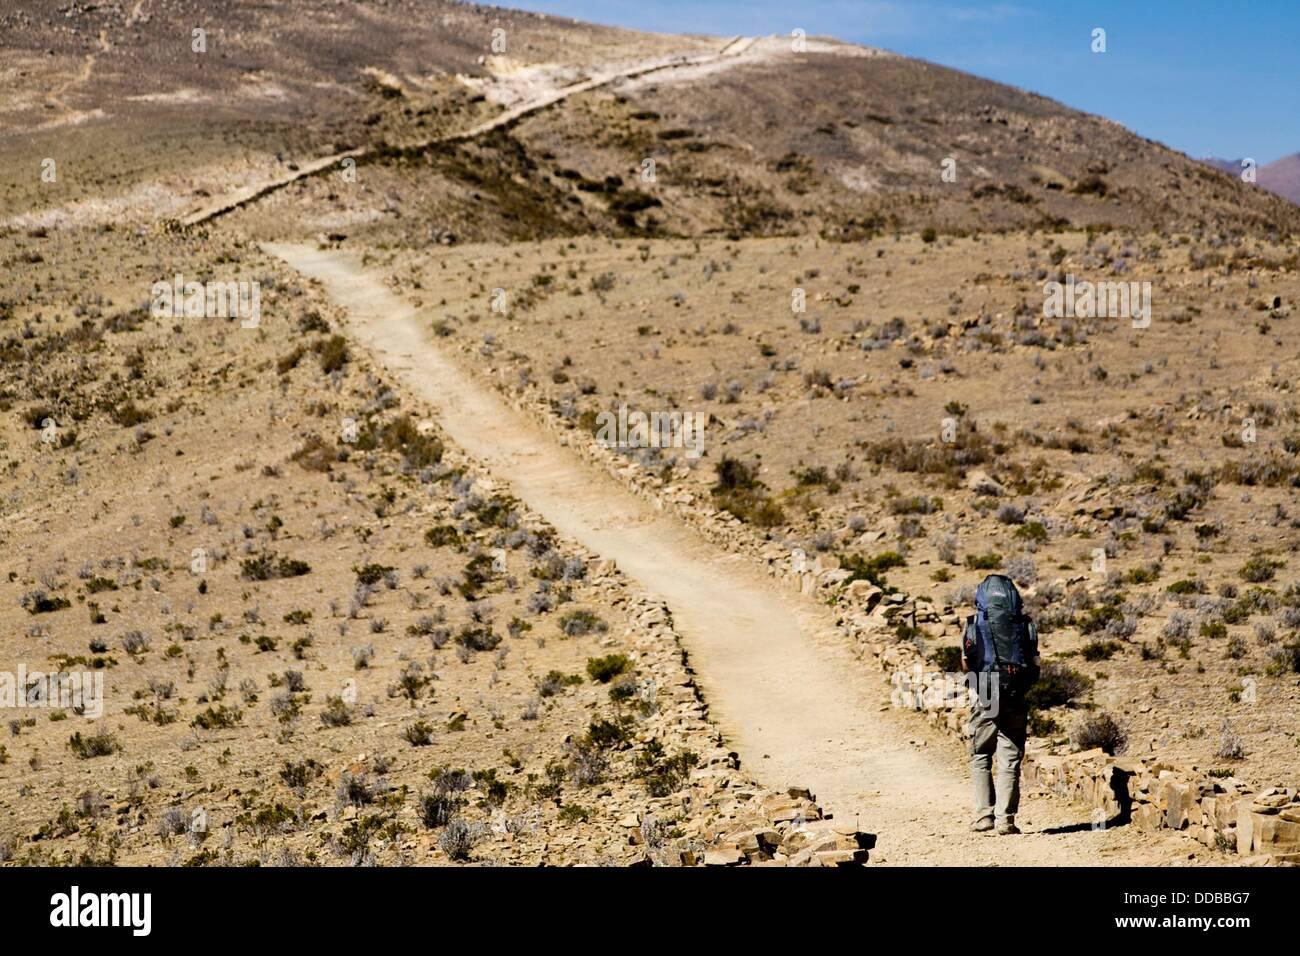 Hiking trail on Isla del Sol   Isla del Sol, Lago Titicaca  Reserva Nacional del Titicaca  Bolivia - Stock Image